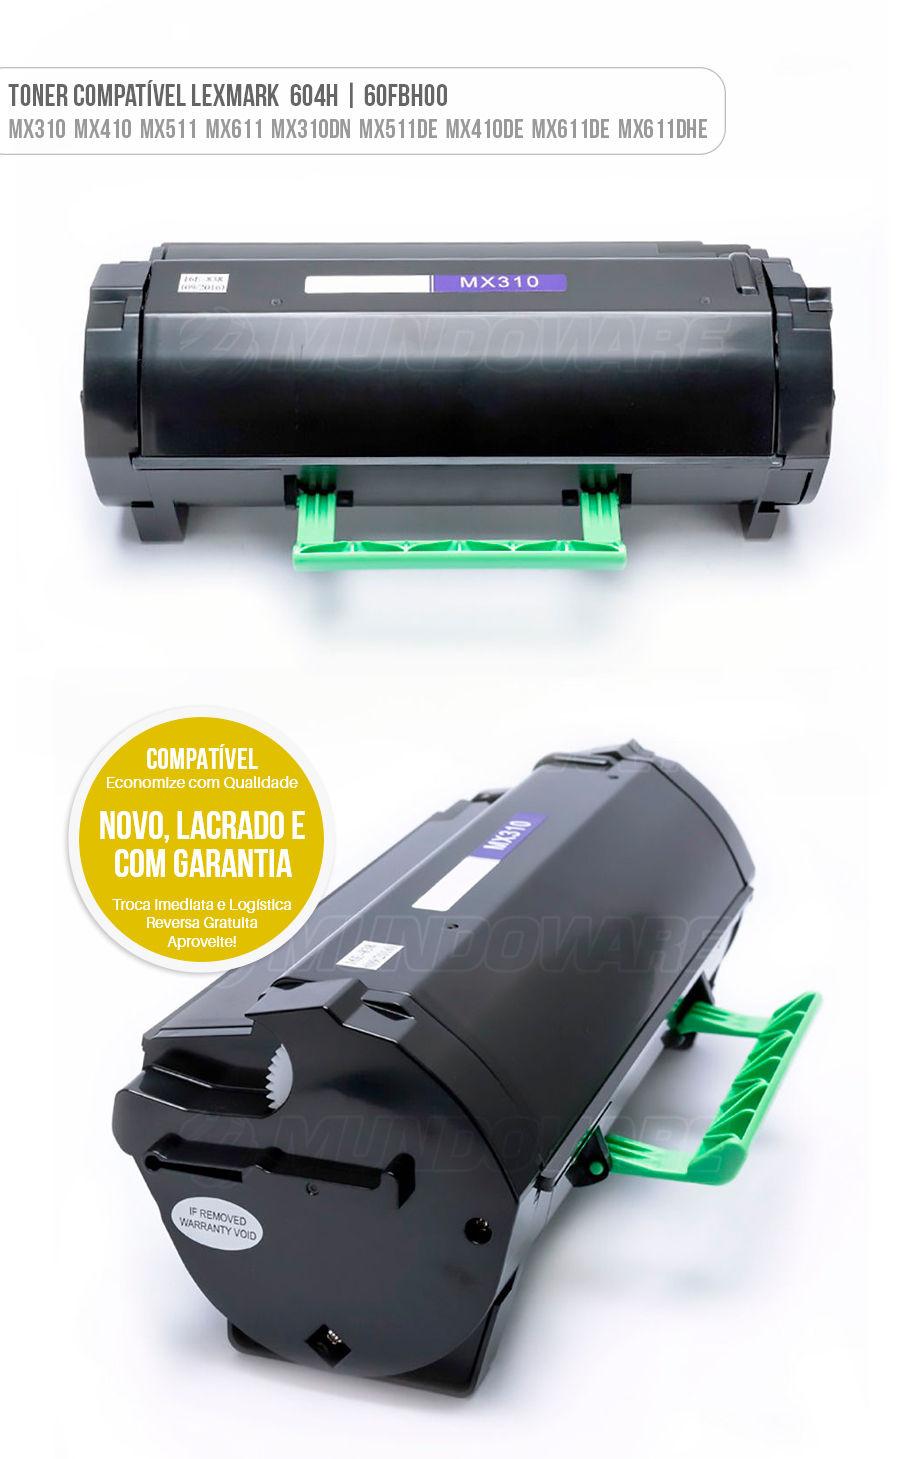 Lexmark Toner MX310 MX410 MX511 MX611 MX310DN MX410DE MX511DE MX511DHE MX611DE MX611DHE MX611DFE Tonner